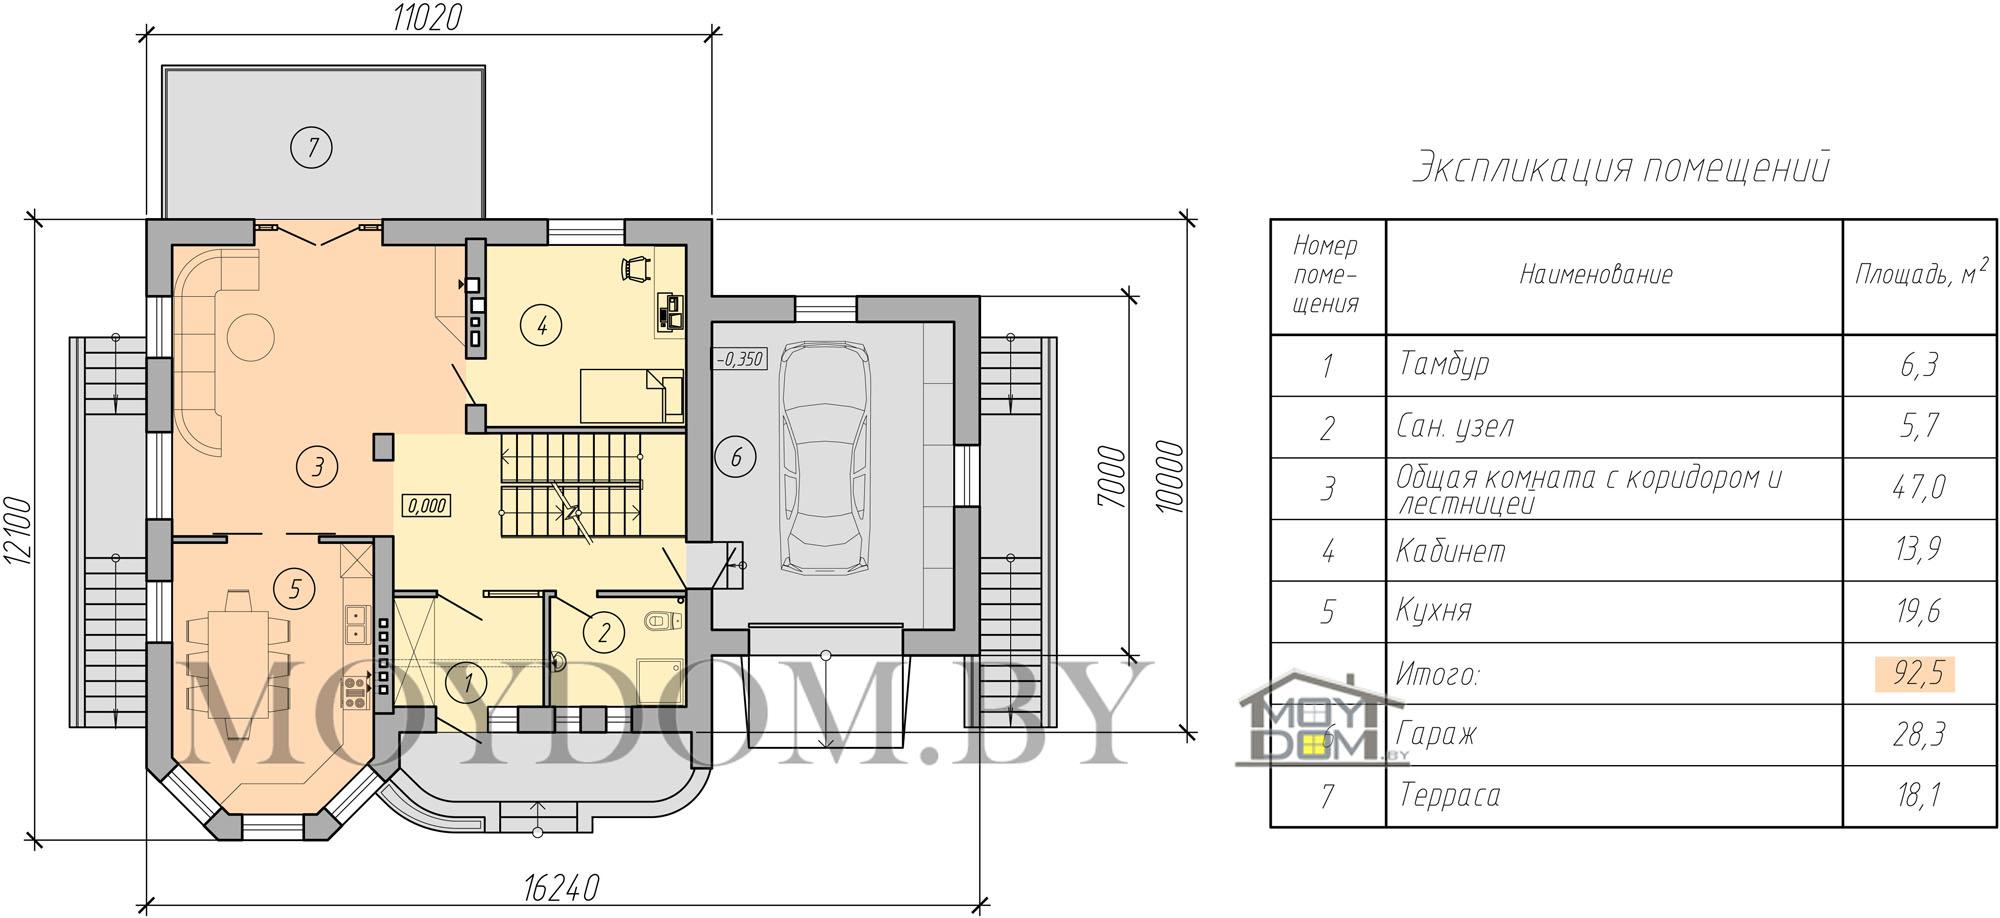 план двухэтажного дома с подвалом первый этаж